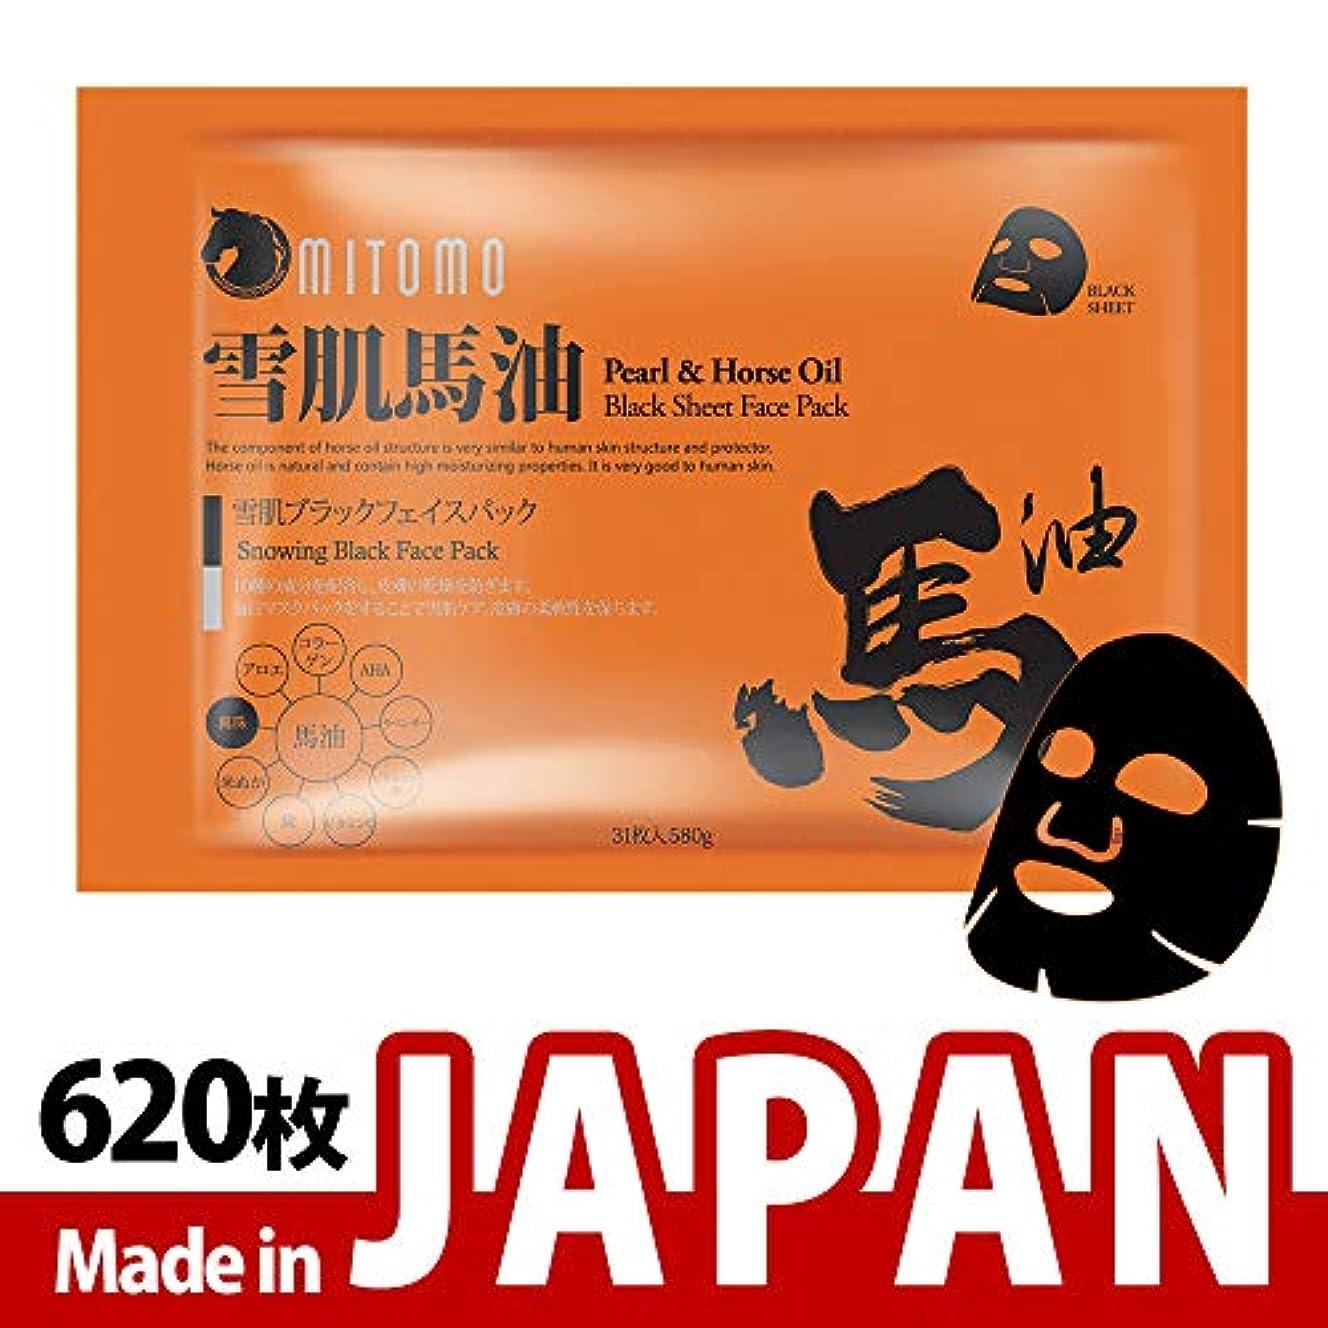 シャワー未来規範MITOMO【MC740-C-1】日本製雪肌ブラックフェイスパック /31枚入り/620枚/美容液/マスクパック/送料無料